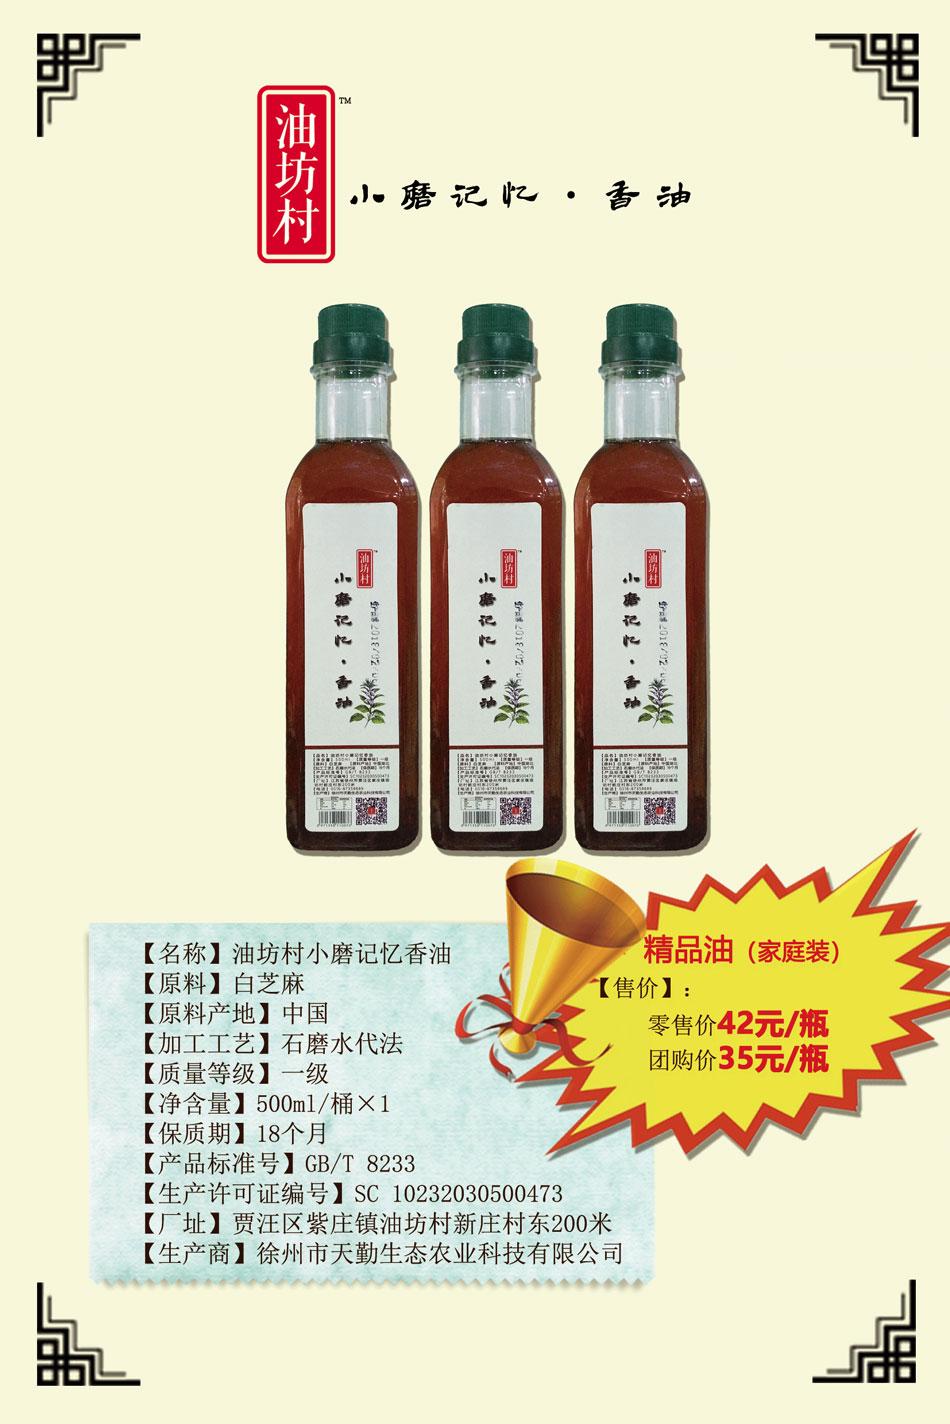 天勤商貿-口碑好的石磨香油批發商-價格合理的石磨香油